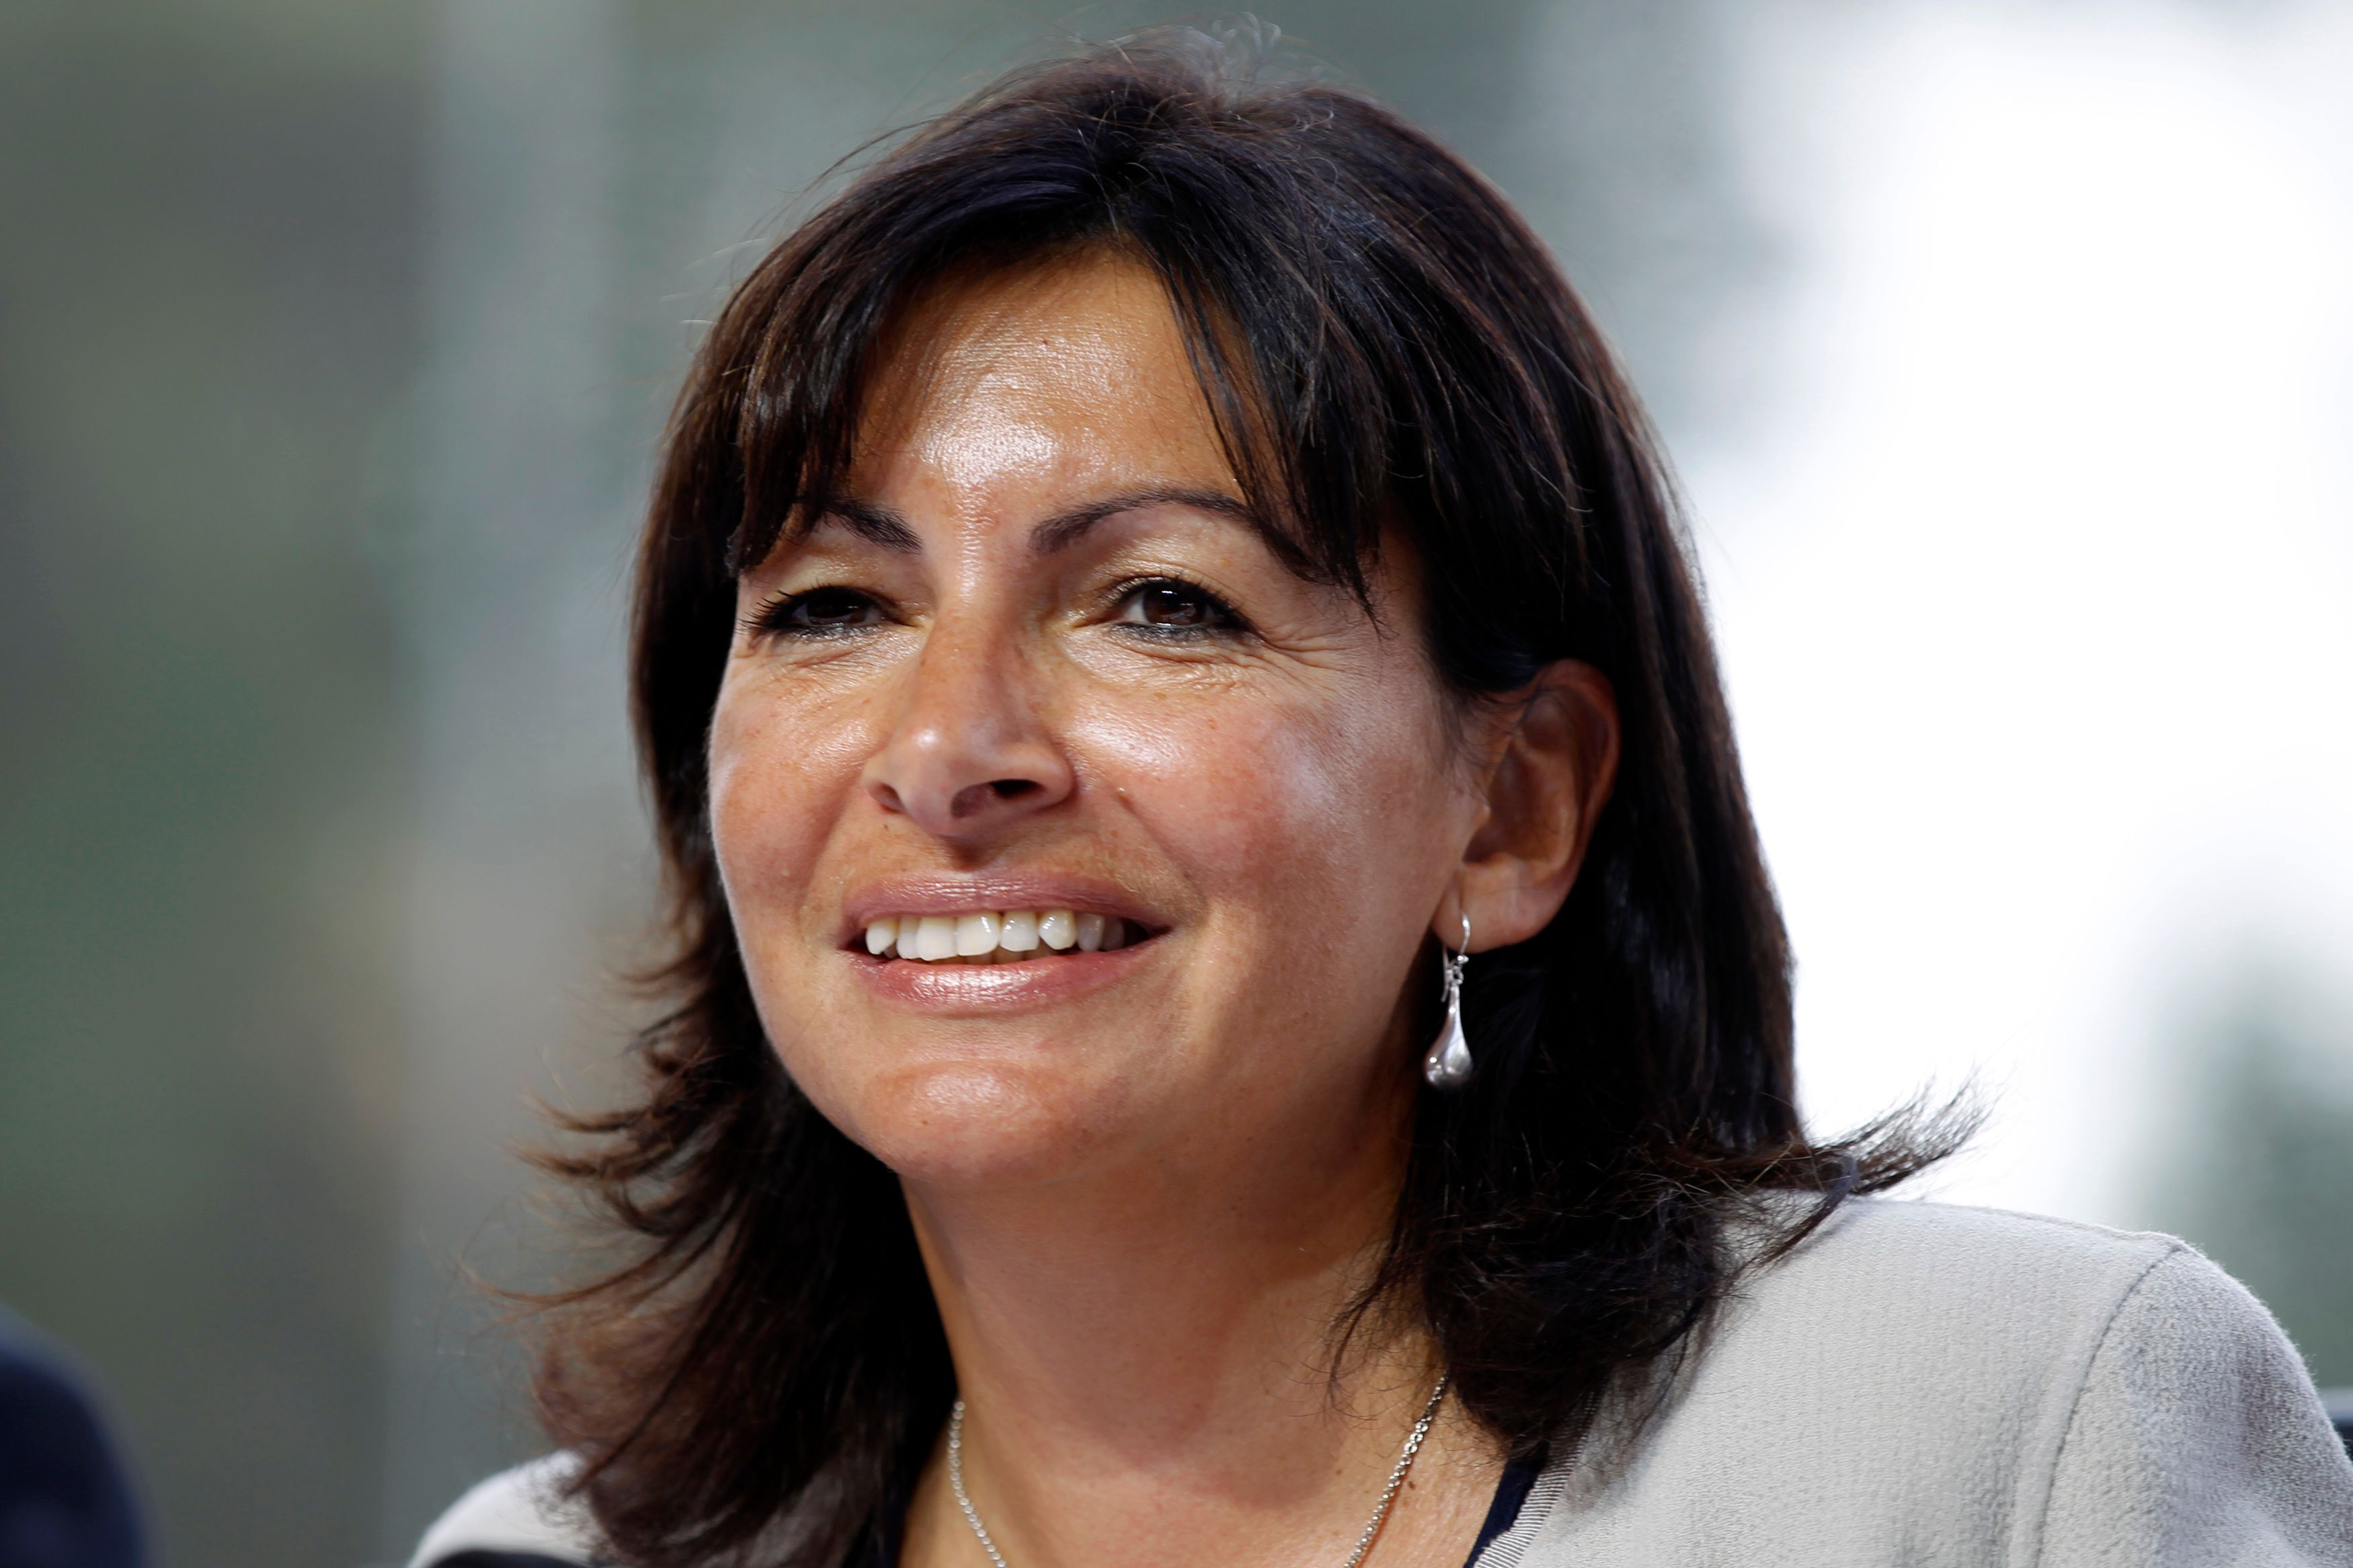 """La maire de Paris ne cautionne pas la politique de droite de Benyamin Netanyahou mais préfère vanter l'esprit de liberté qui souffle sur Tel Aviv, ville côtière progressiste et humaniste surnommée """"The Bubble'' (la Bulle)"""